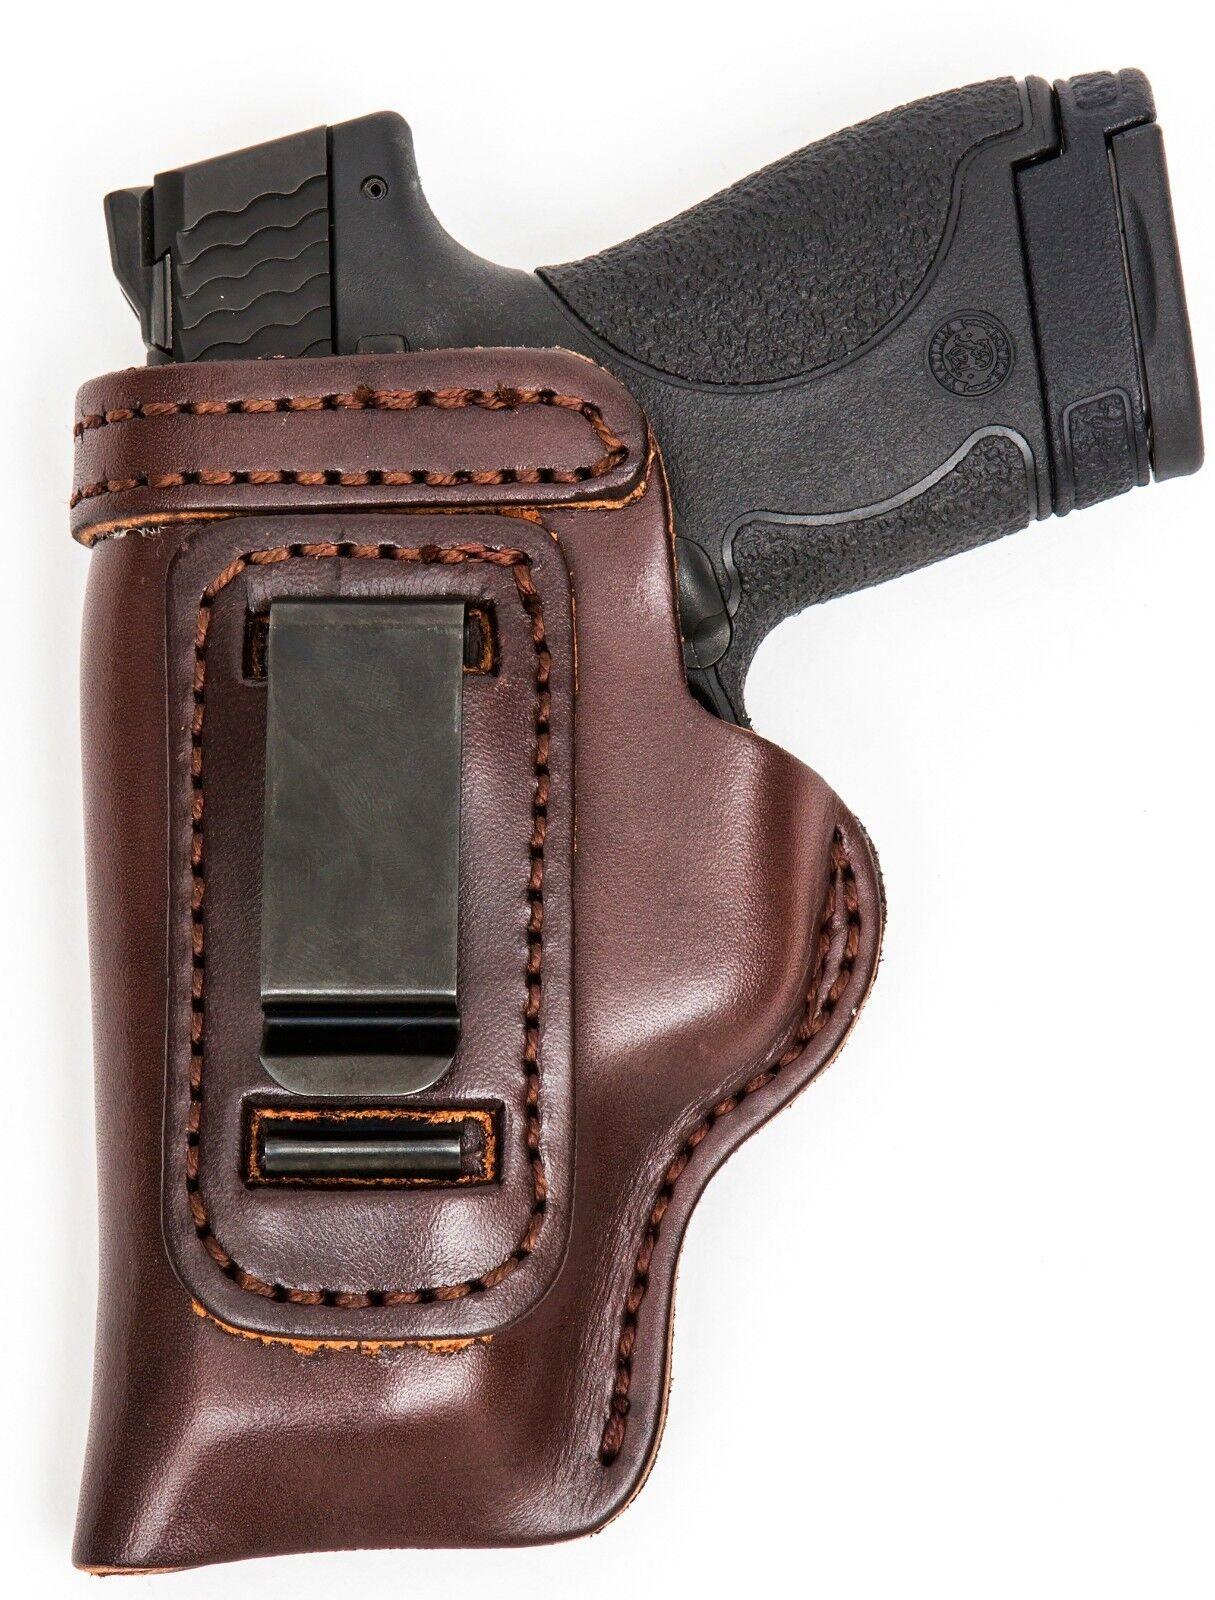 HD Concealed RH LH OWB IWB Leder Gun Holster For For Holster Ruger LCR w/ CT Laserguard 7589fa